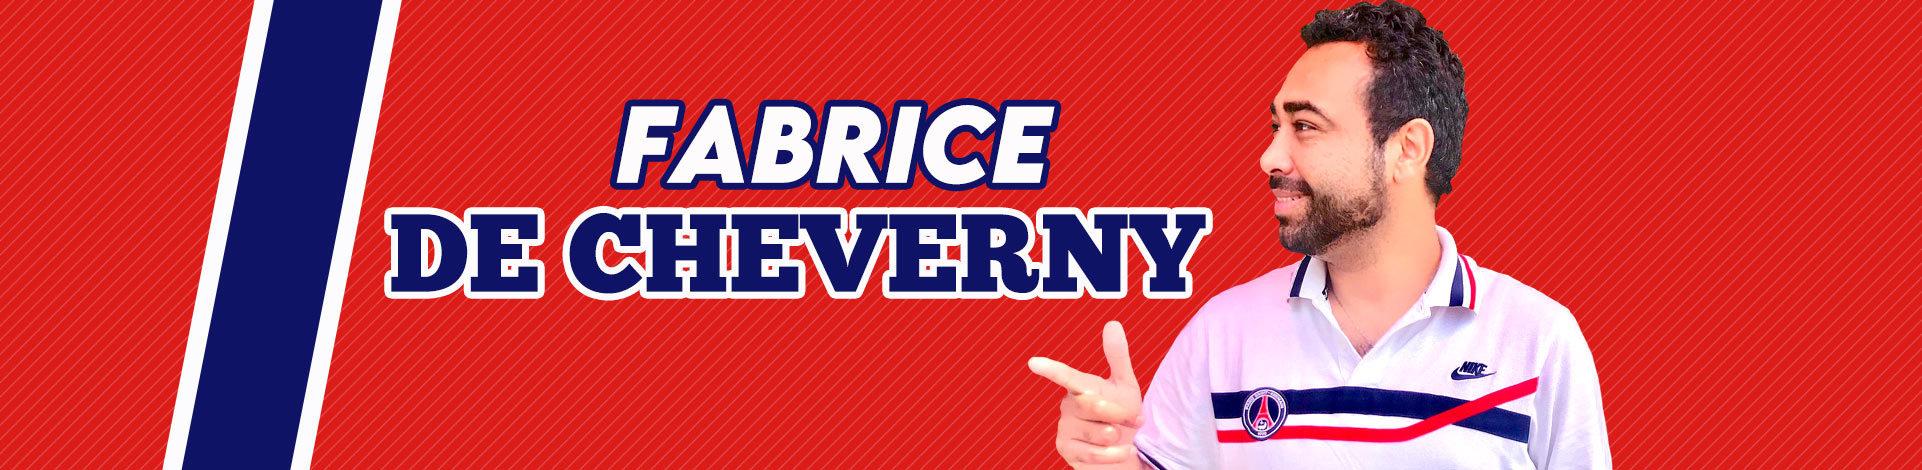 ITW Fabrice de Cheverny Virage PSG